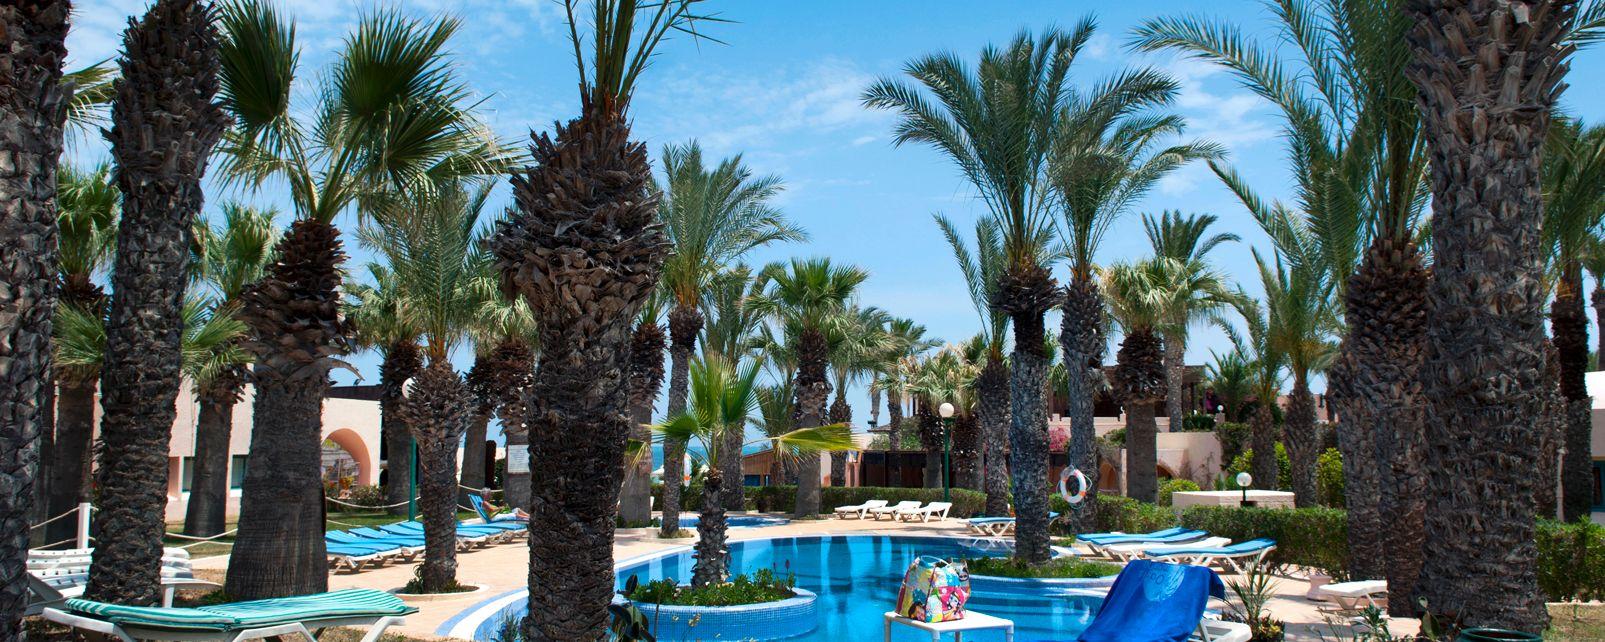 Hotel oasis marine zarzis tunisia for Hotels zarzis